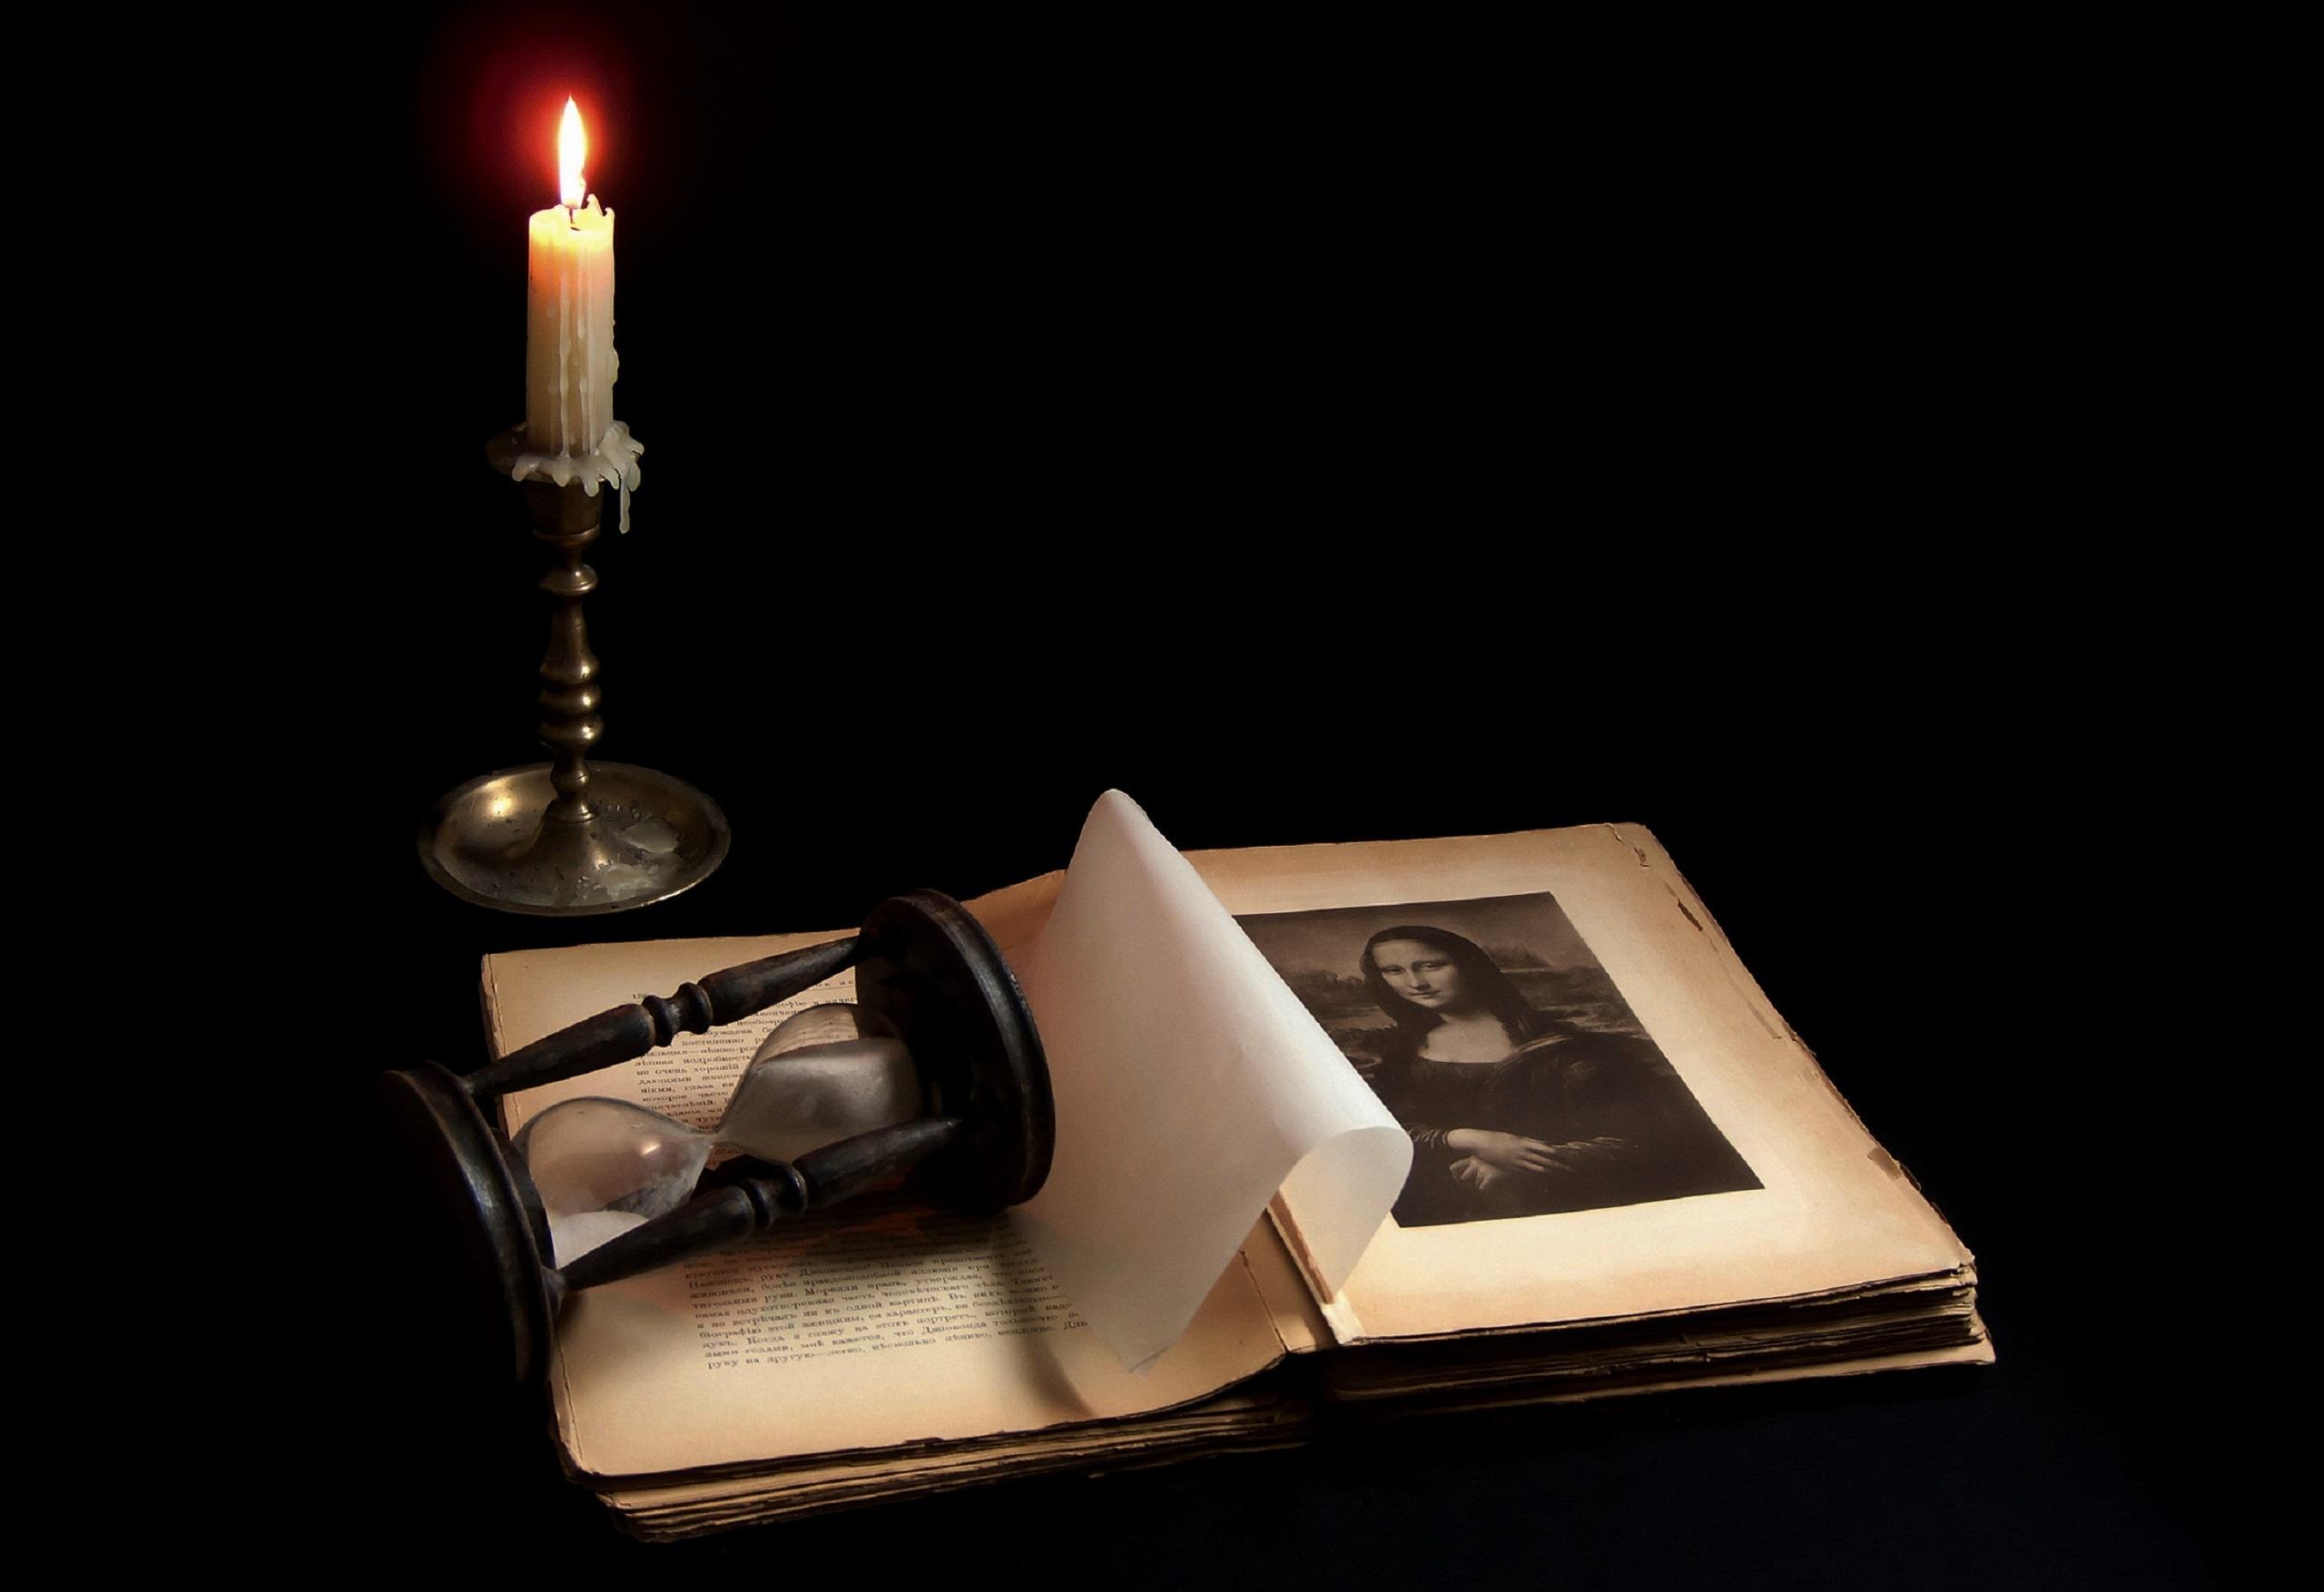 Картинка книга со свечой